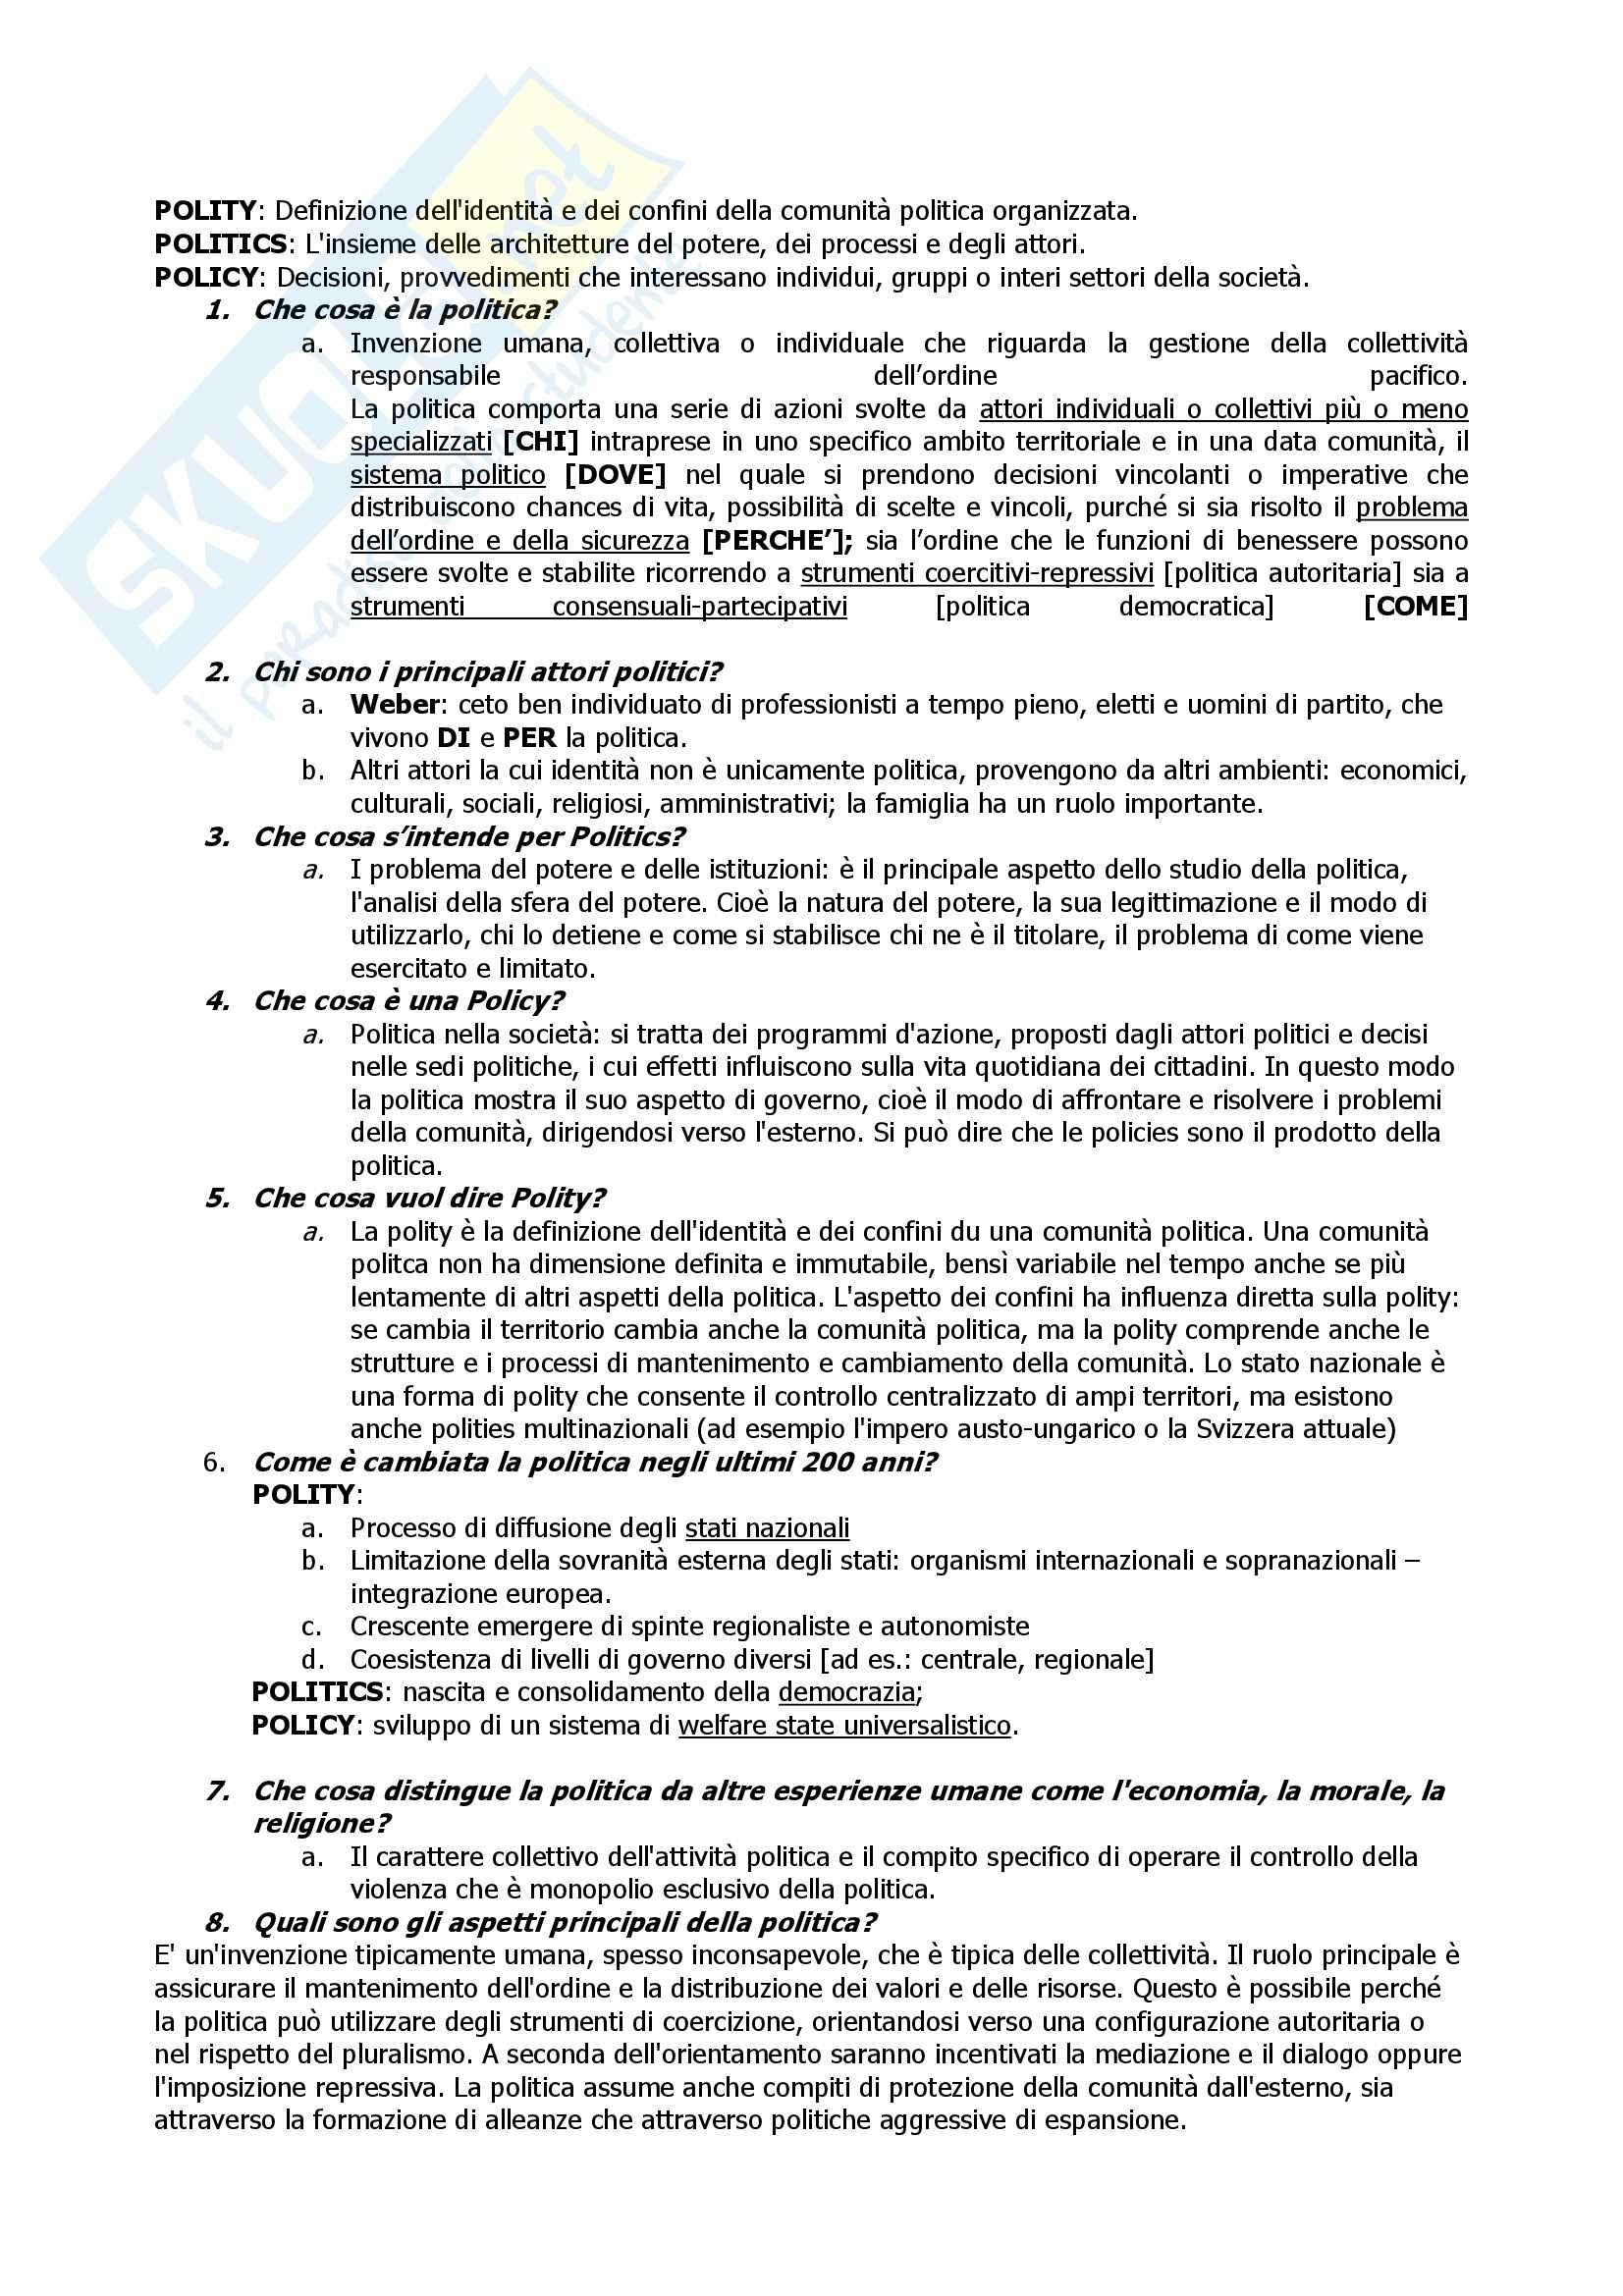 Fondamenti di scienza politica, Cotta, Della Porta, Morlino - Domande e risposte